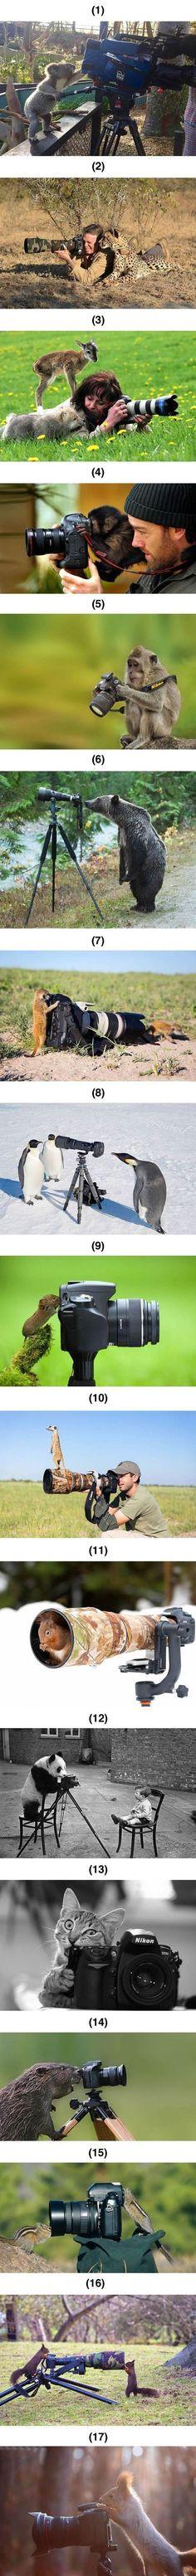 Tiere, die unbedingt Fotografen werden wollen | Webfail - Fail Bilder und Fail Videos